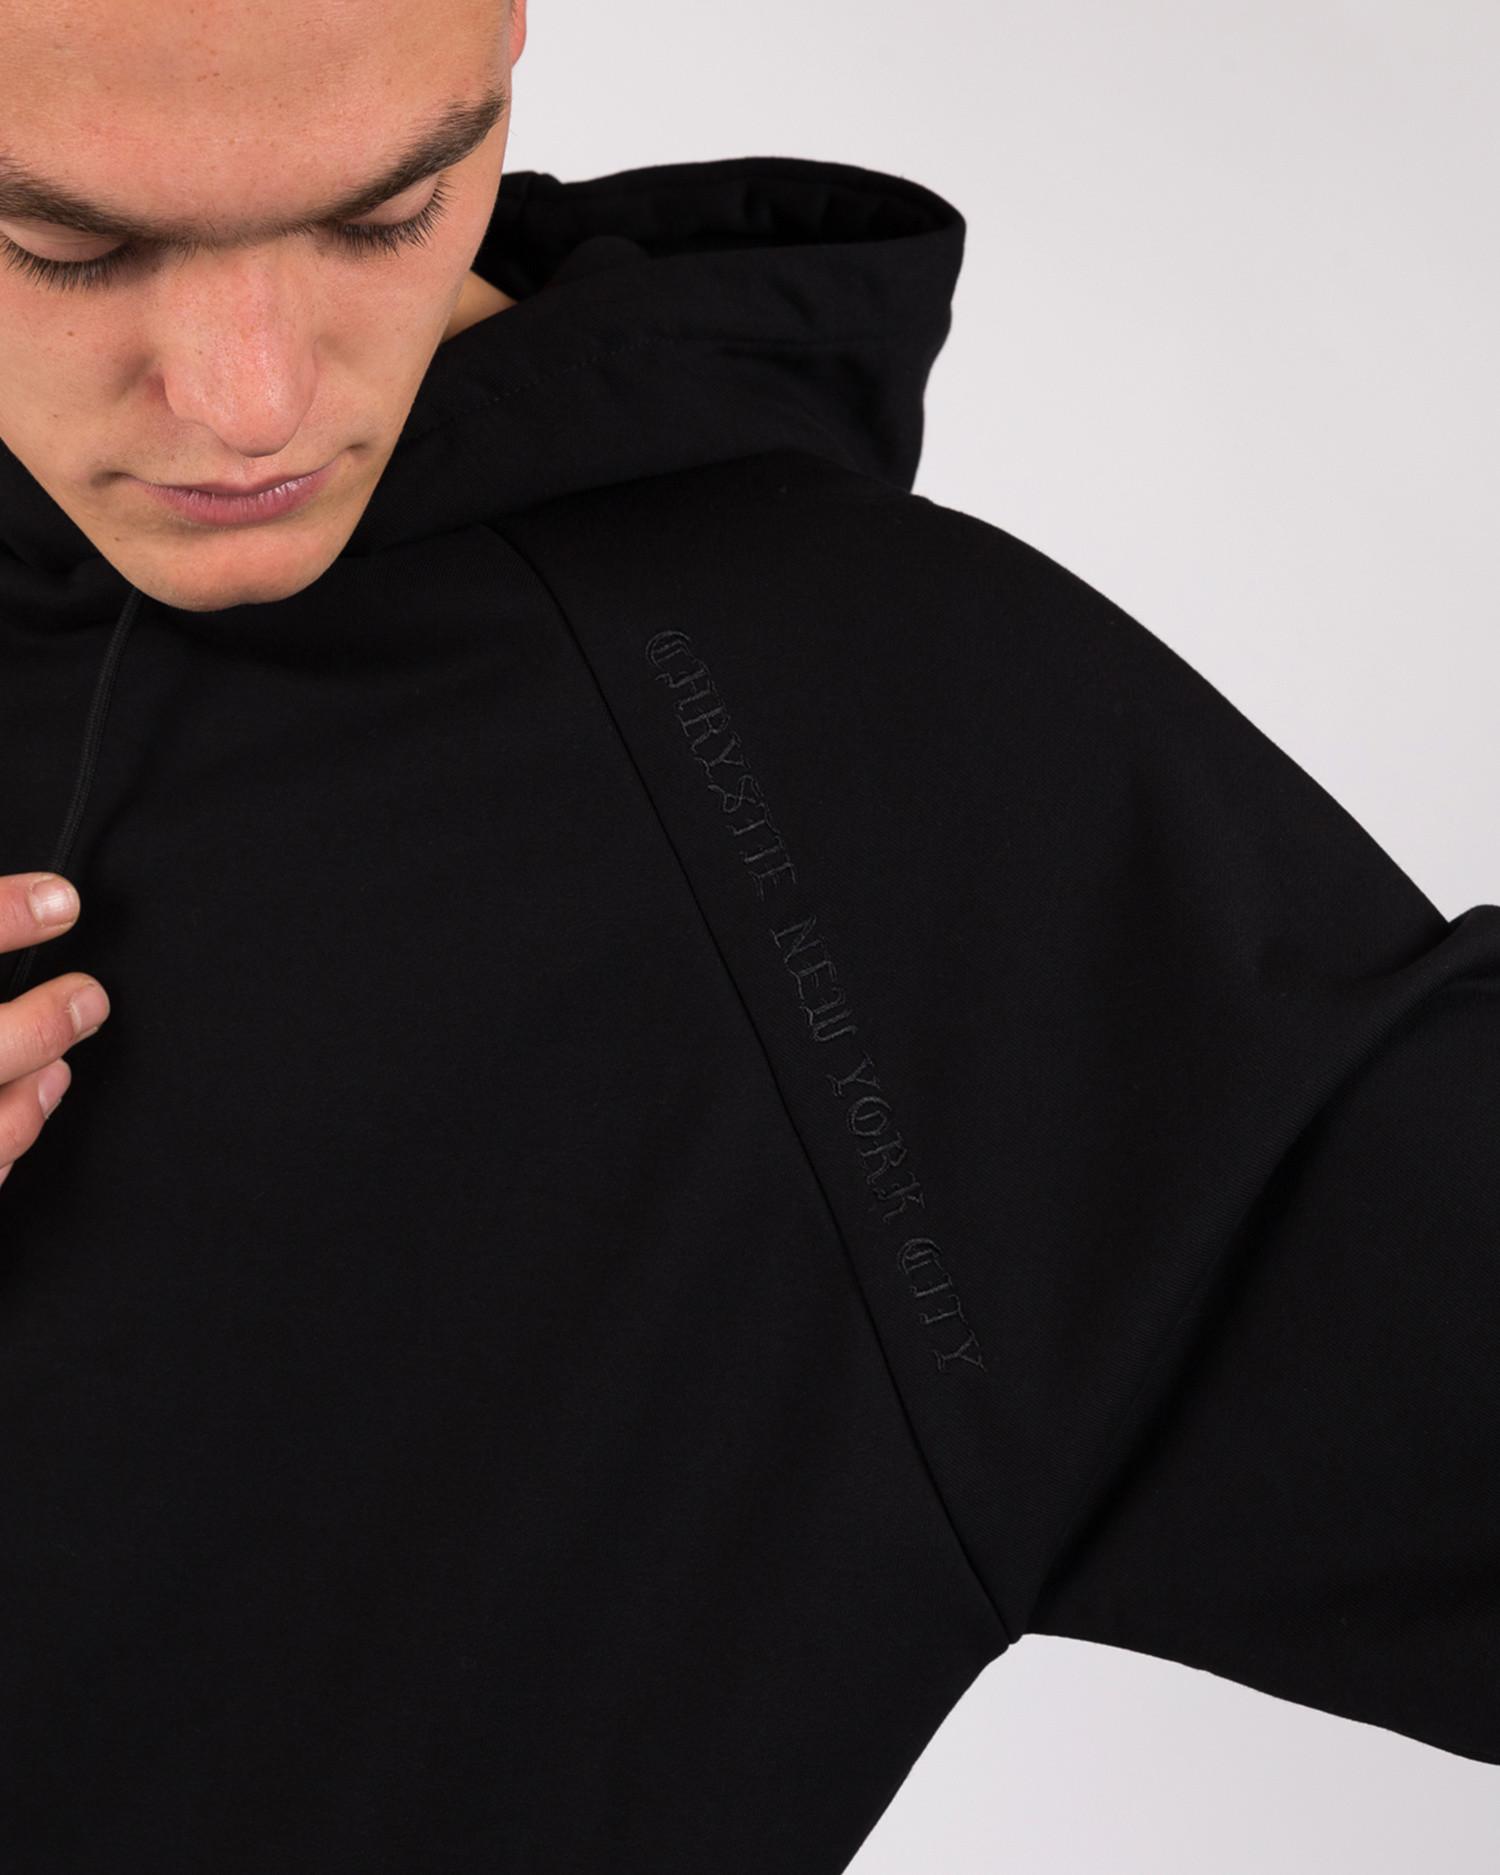 Chrystie NYC Clean Cut Side Pocket Hoodie Black